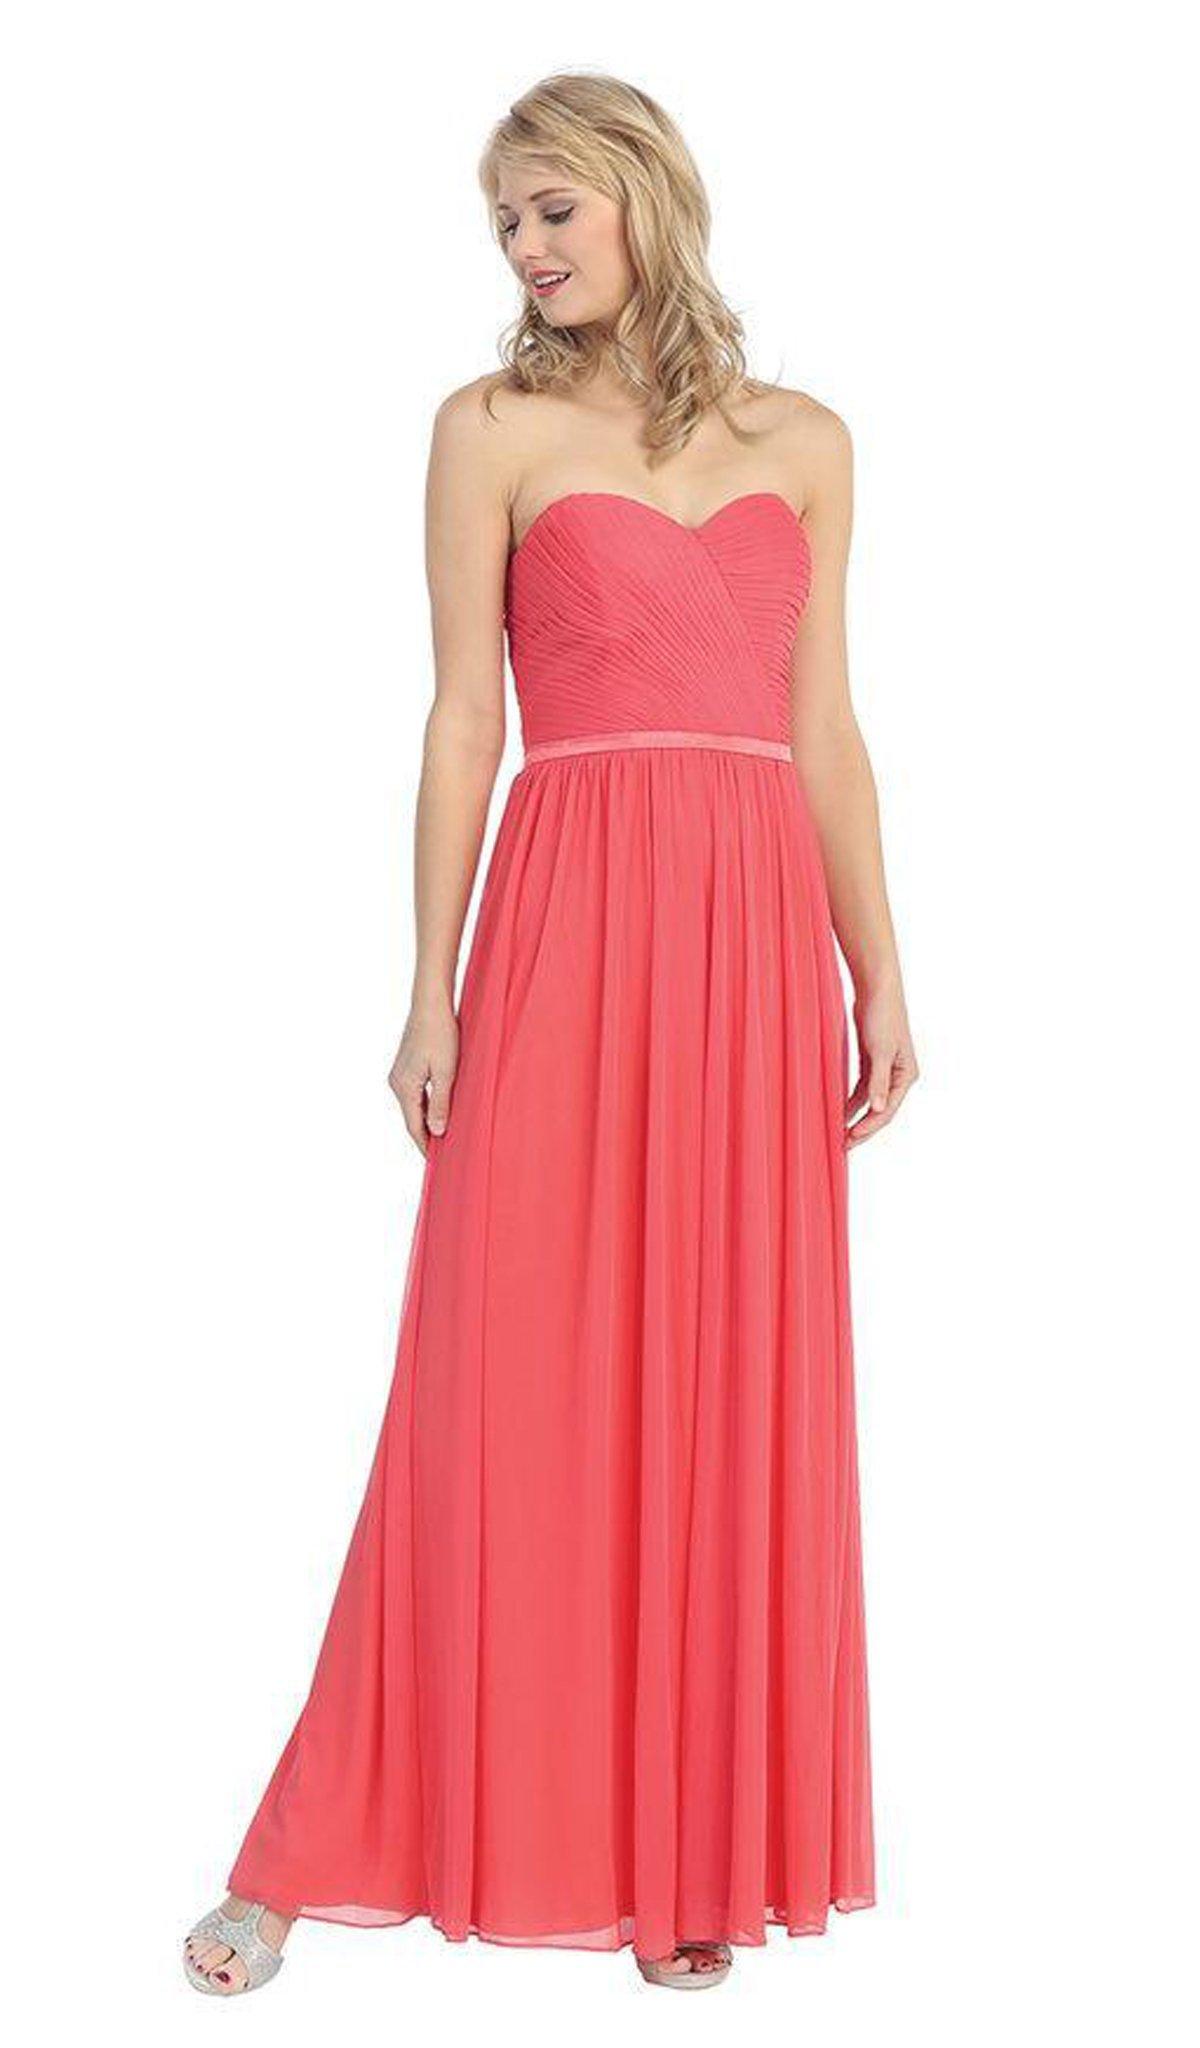 Eureka Fashion - 3100 Pleated Sweetheart Chiffon Matte Jersey Dress